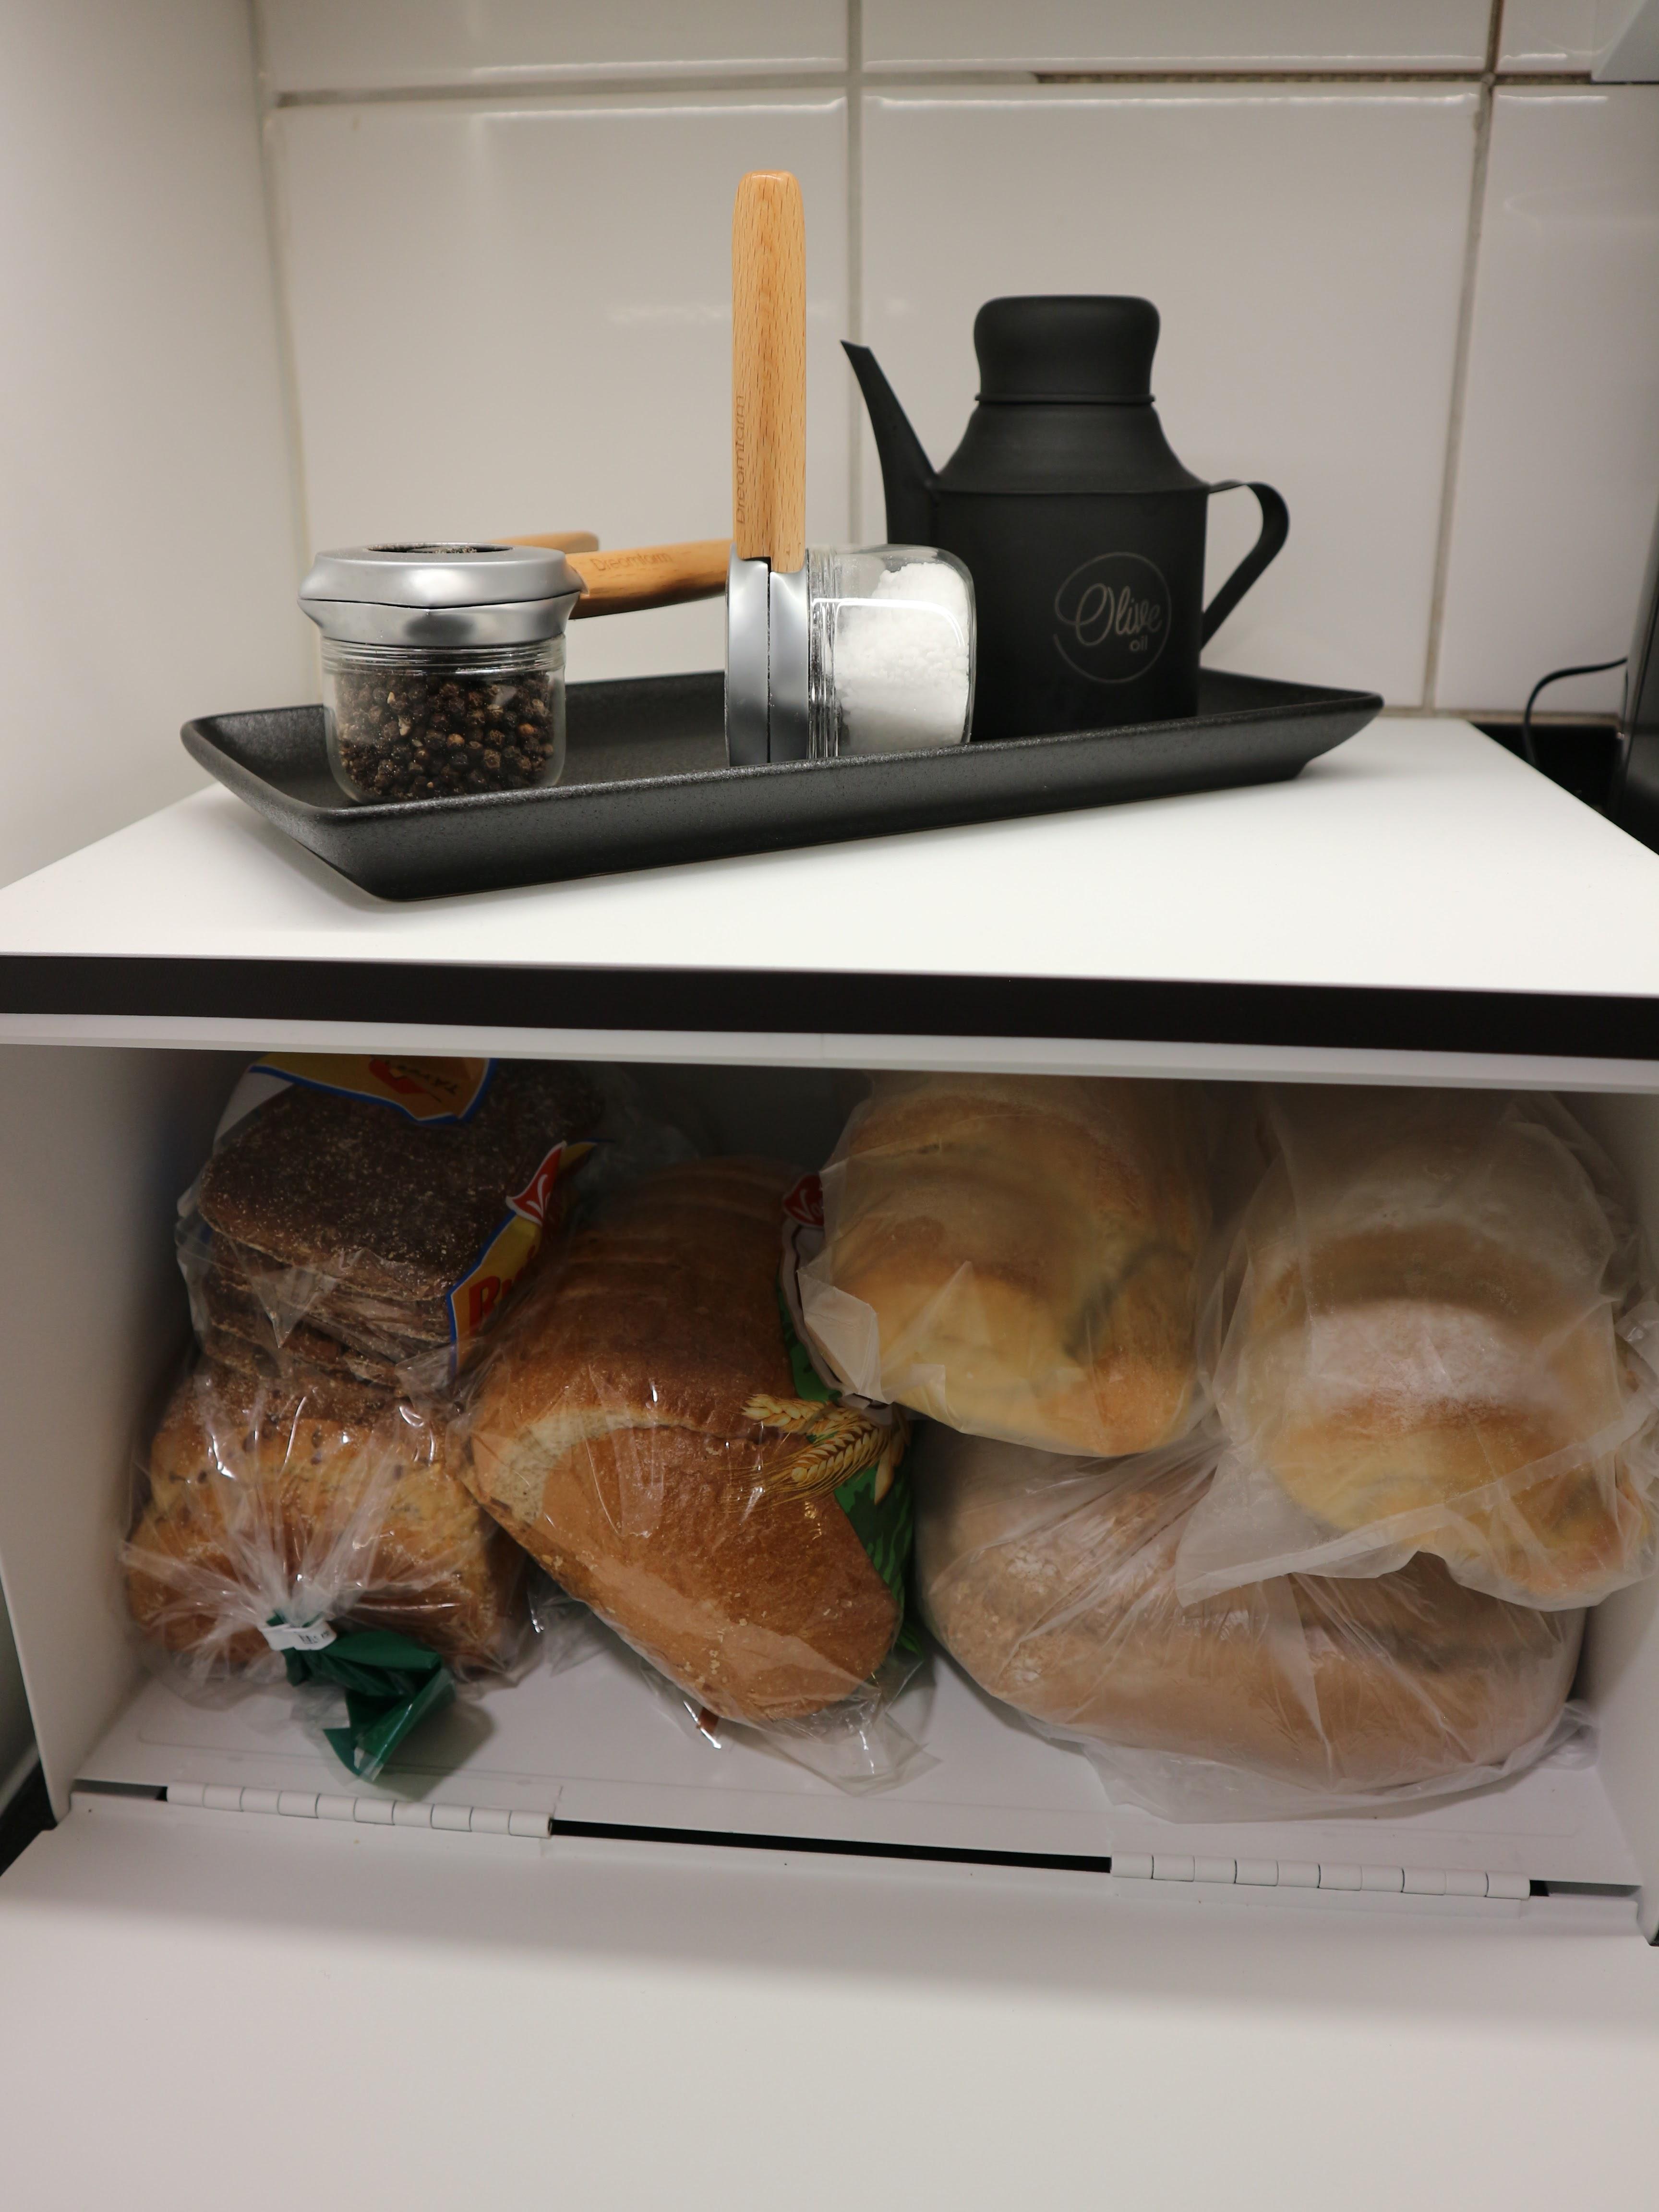 Yamazaki Tosca leipälaatikko